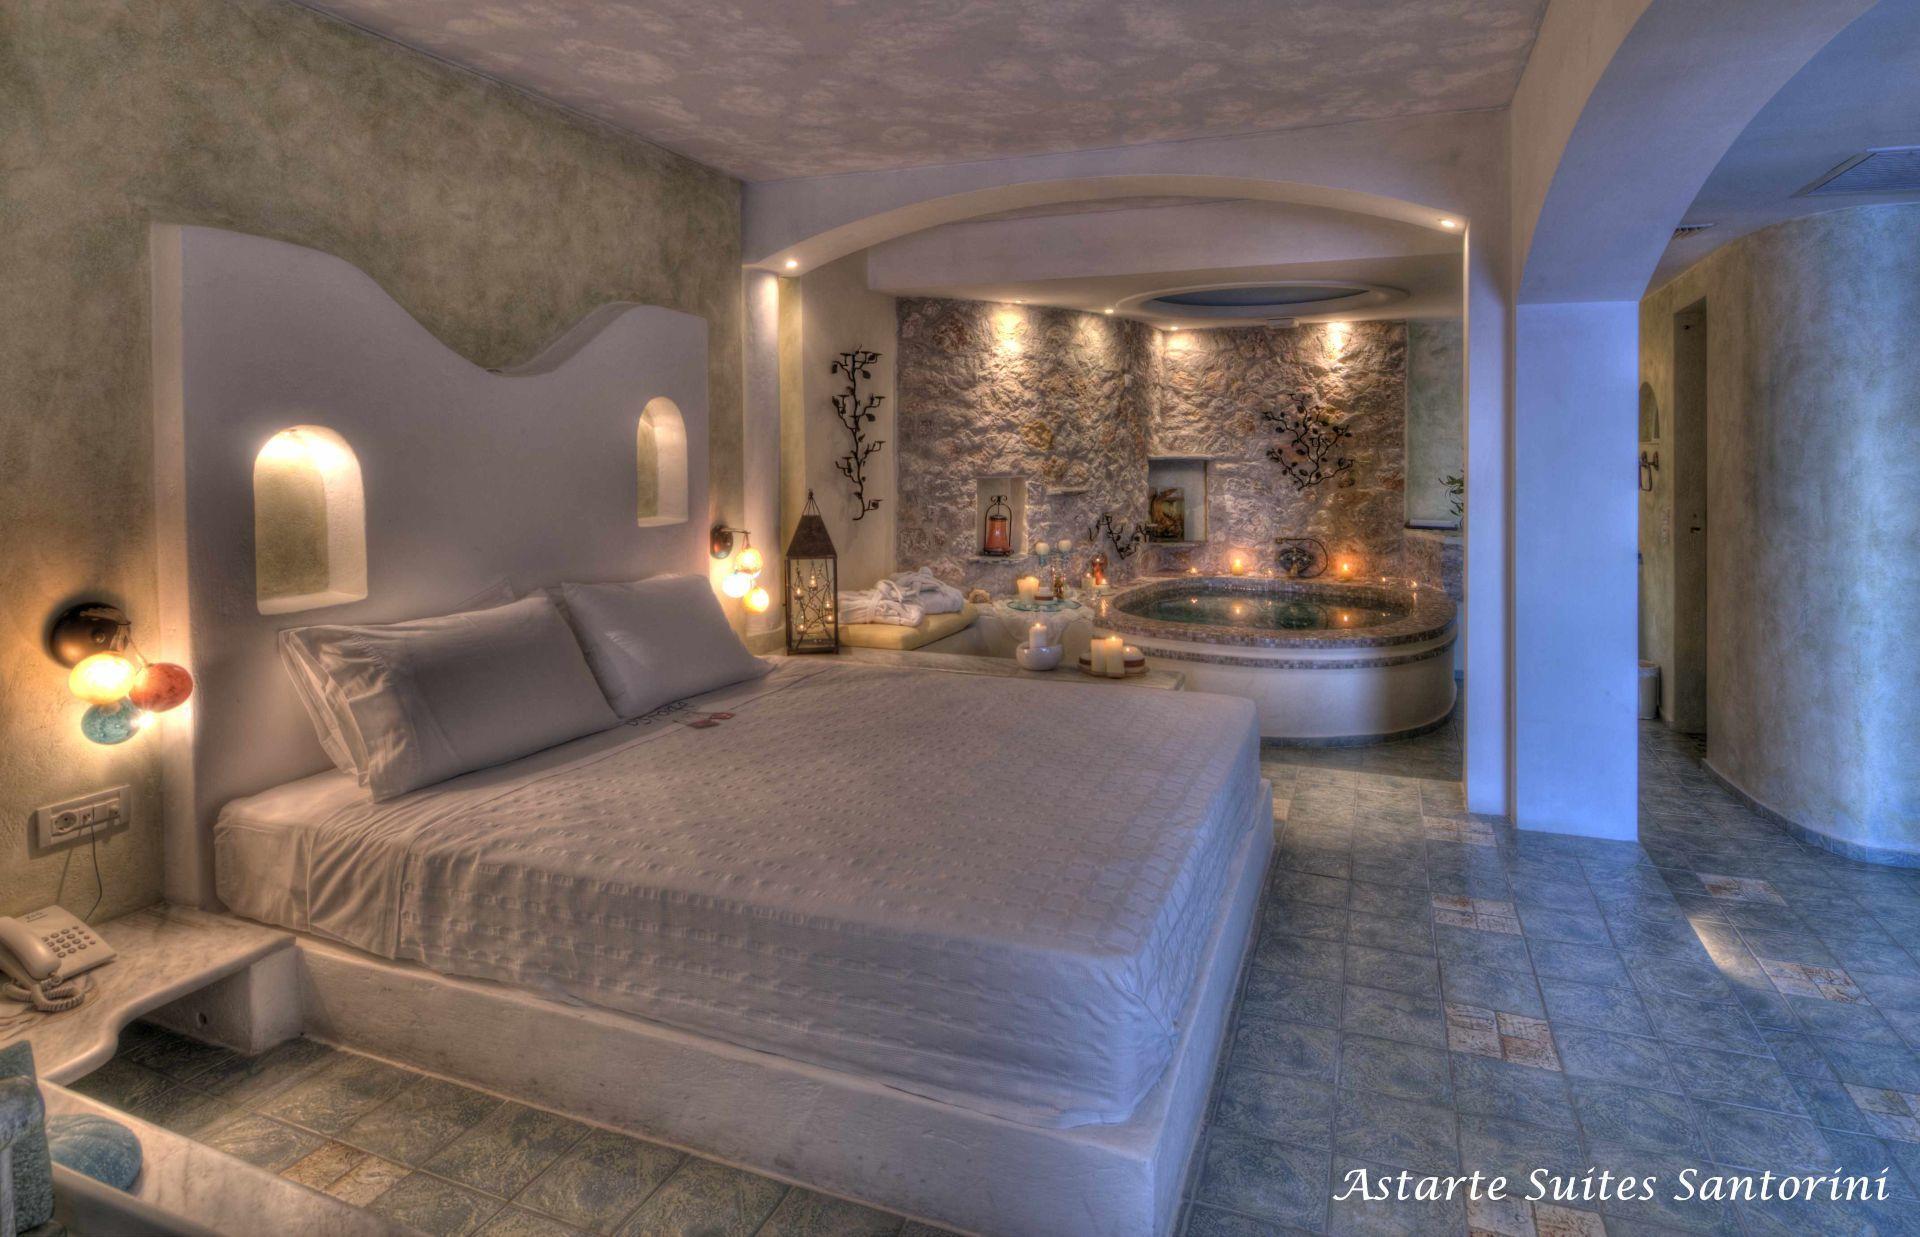 Спальная комната отеля Astarte Suites